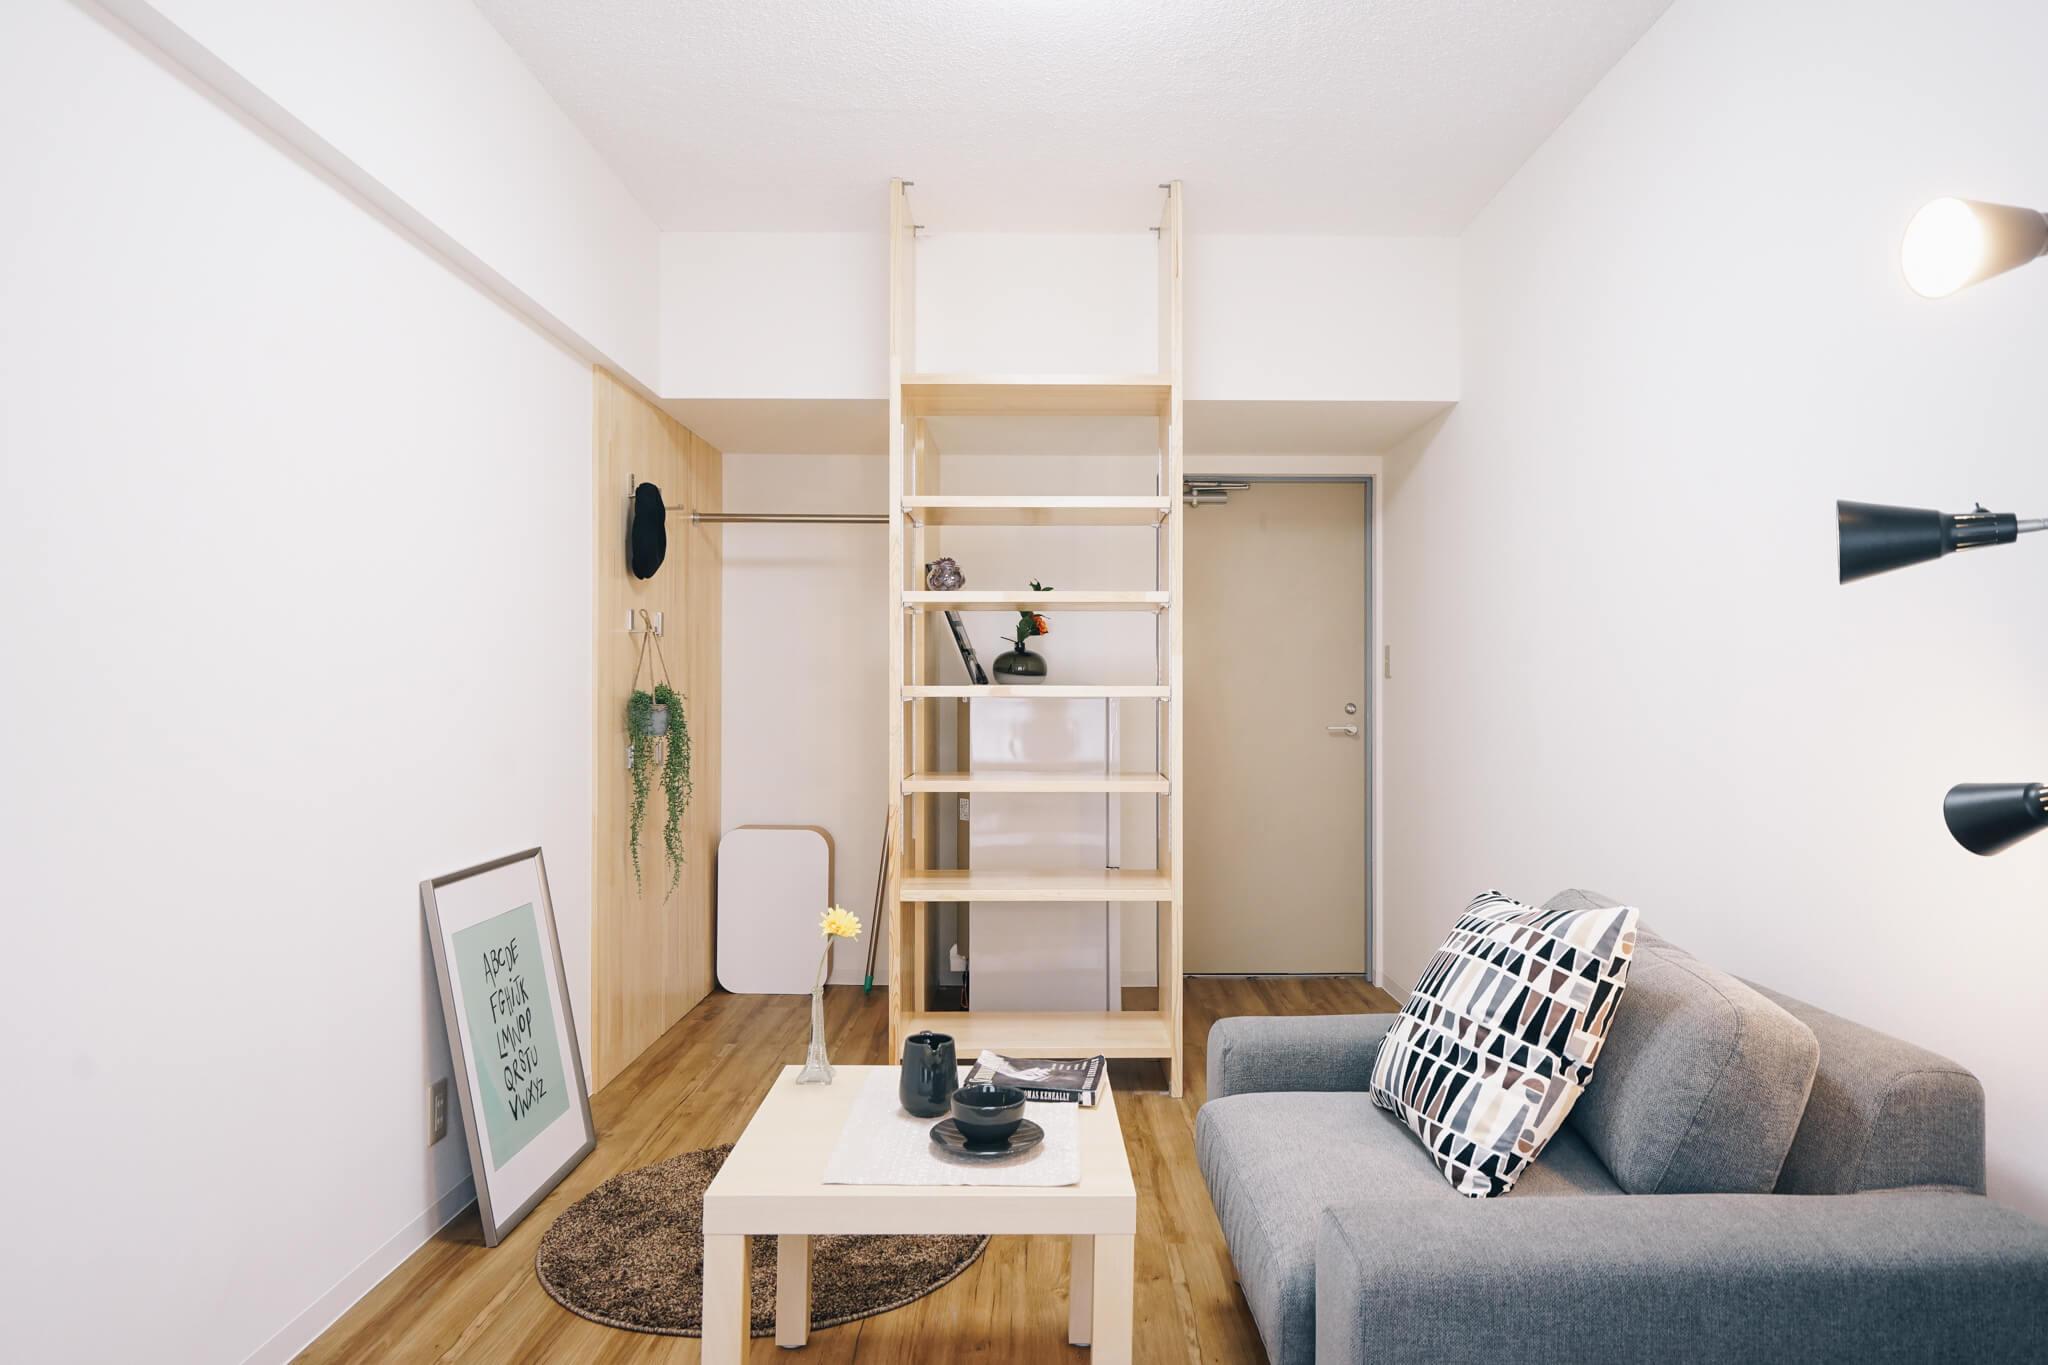 個室では寝るだけ、あとはラウンジで過ごす、というのがシェアハウスのイメージだったんですが、個室内でもかなりリラックスできちゃう。むしろ、ベッドもソファもあるなんて、普通のワンルームマンションより贅沢。